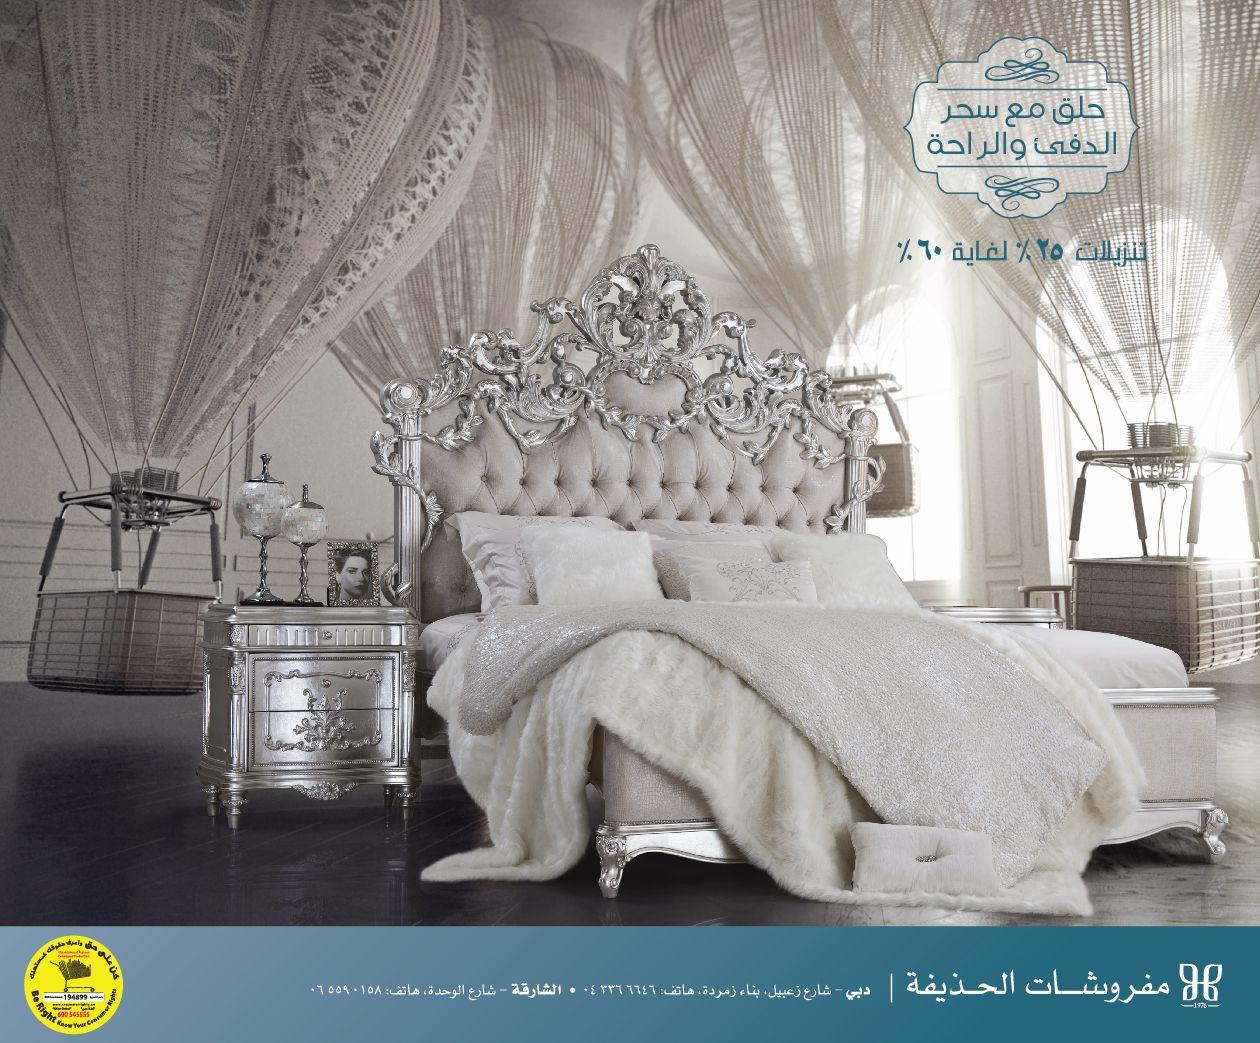 Pin By Al Huzaifa On Luxury Furniture Dubai Luxury Home Furniture Furniture Design Luxury Furniture